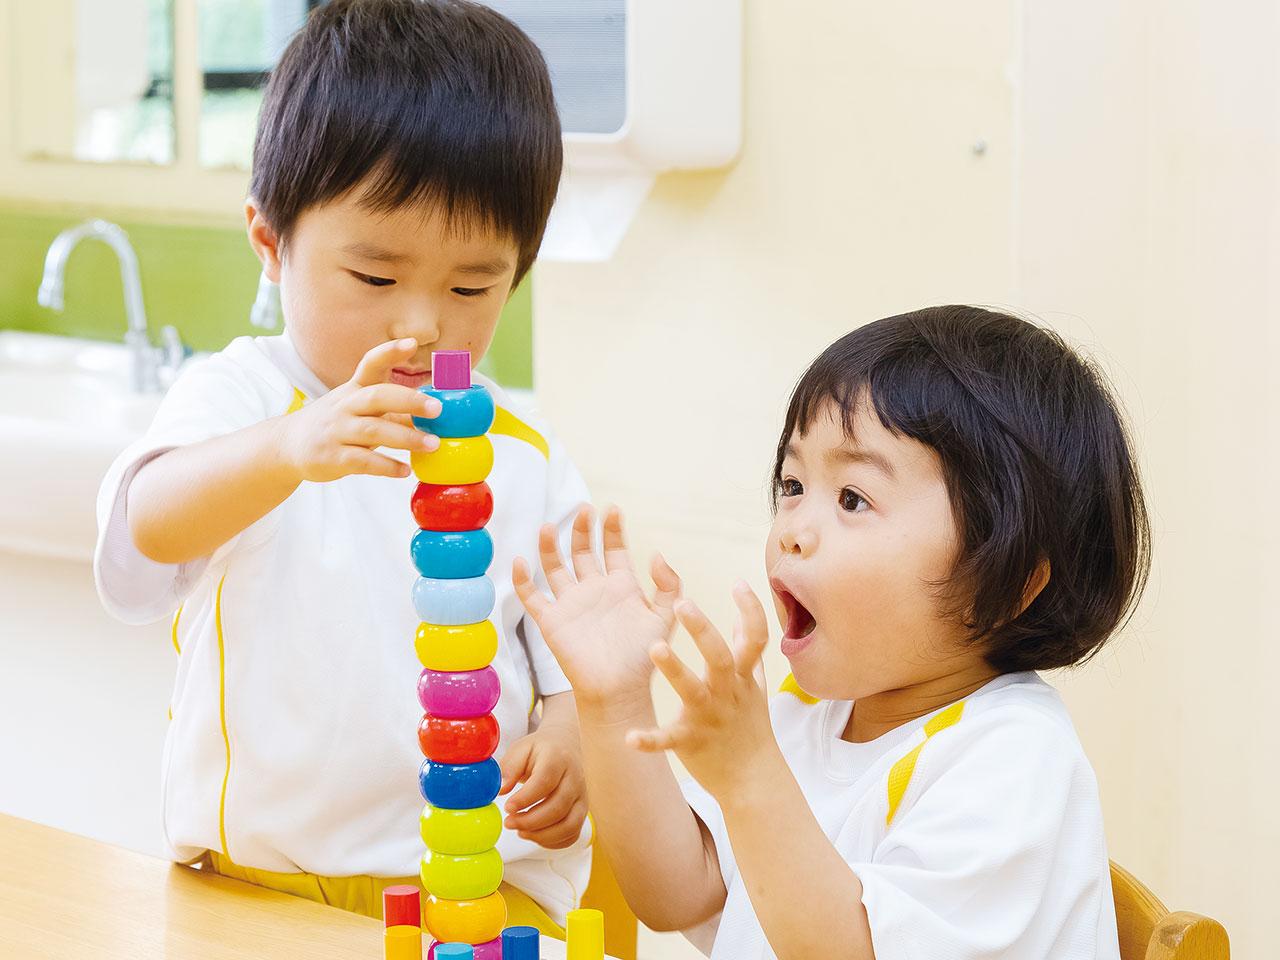 おでかけ・グルメ ・習い事… 7つのキーワード子どもと一緒にワクワクしよう